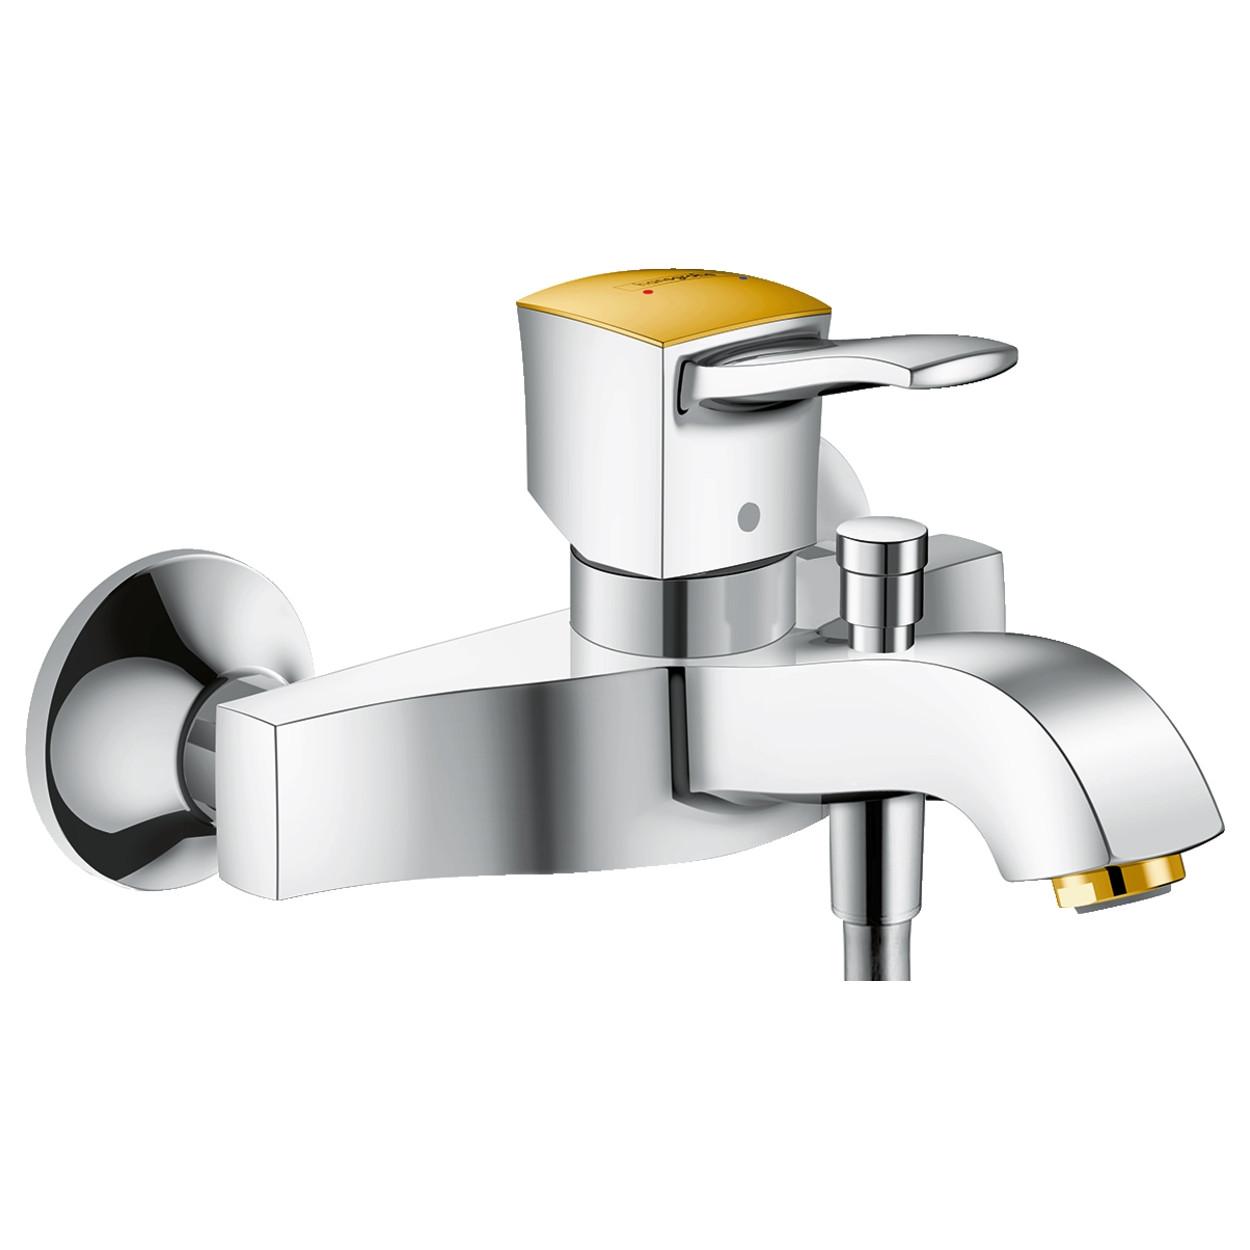 METROPOL Classic змішувач для ванни одноважільний, хром/золото